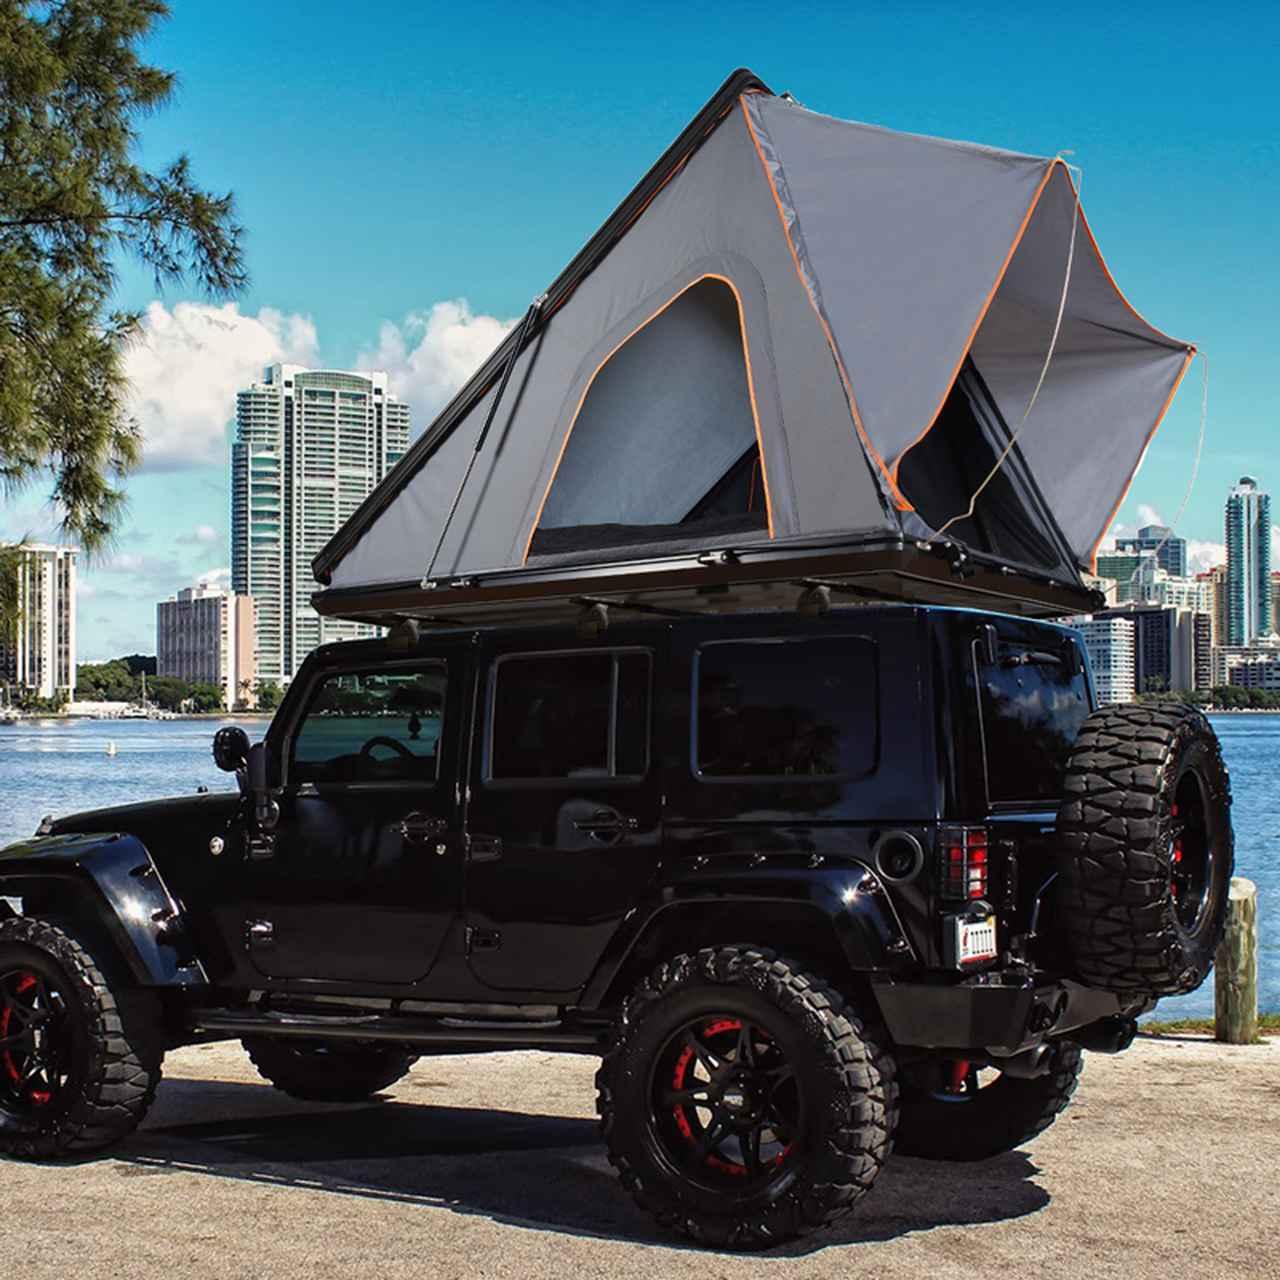 画像: #NEW ピラミッド型ハイブリッドルーフテント Pyramid type hybrid roof tent | ウィルス対策・防災用品・備蓄材等災害防止グッズの専門店 | あったらいなぁARUYOの防災あるよ